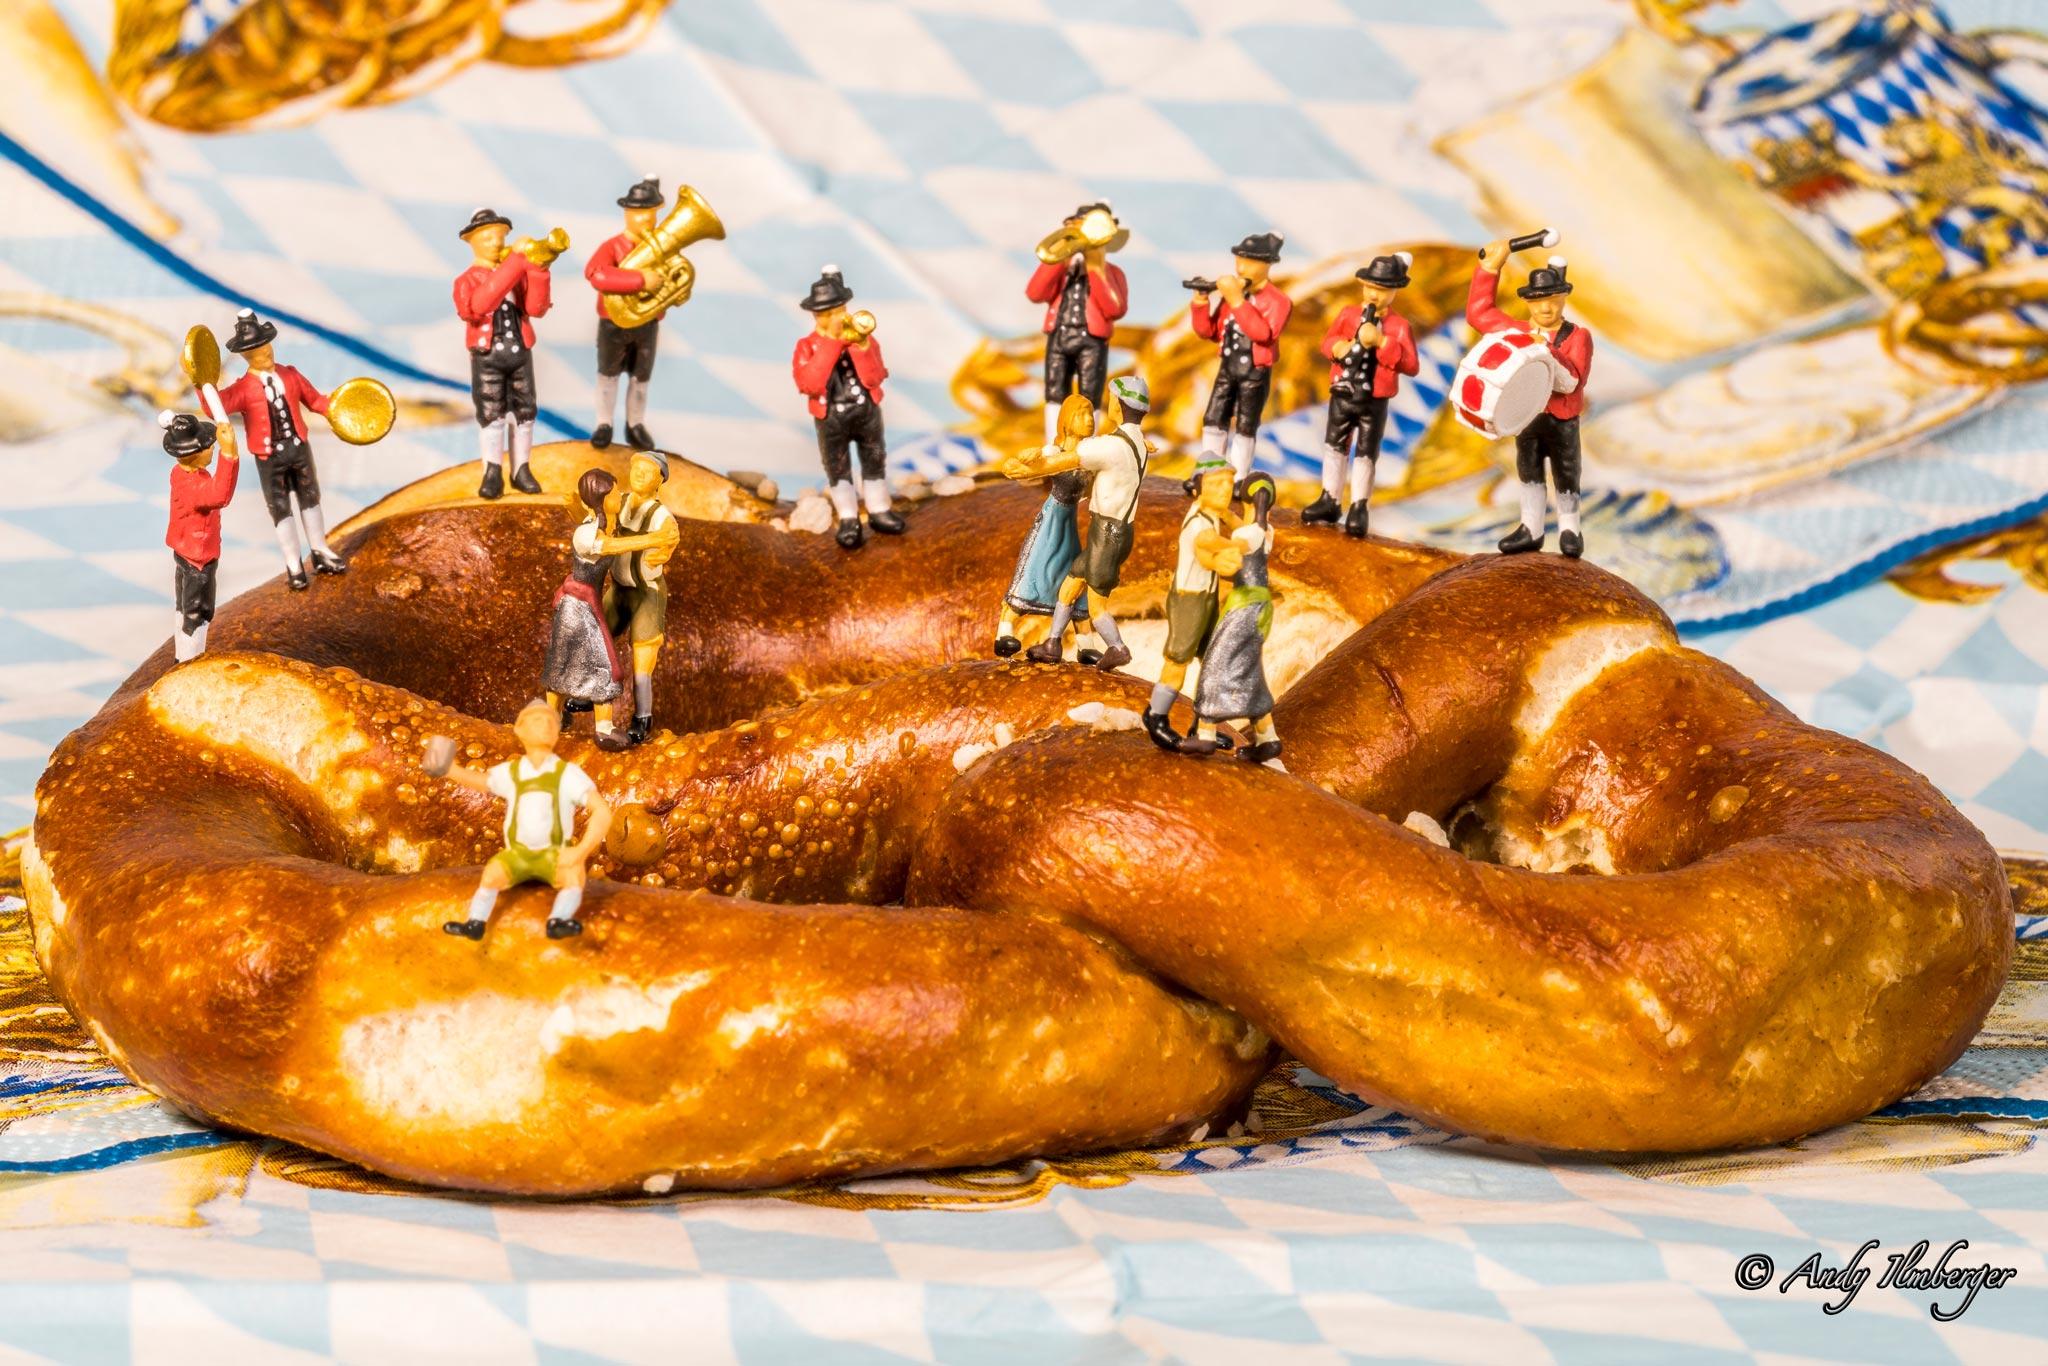 H0-Helden - Brezntanz - H0-Figuren in Szene gesetzt von © Andy Ilmberger im Kleine-Helden.Club